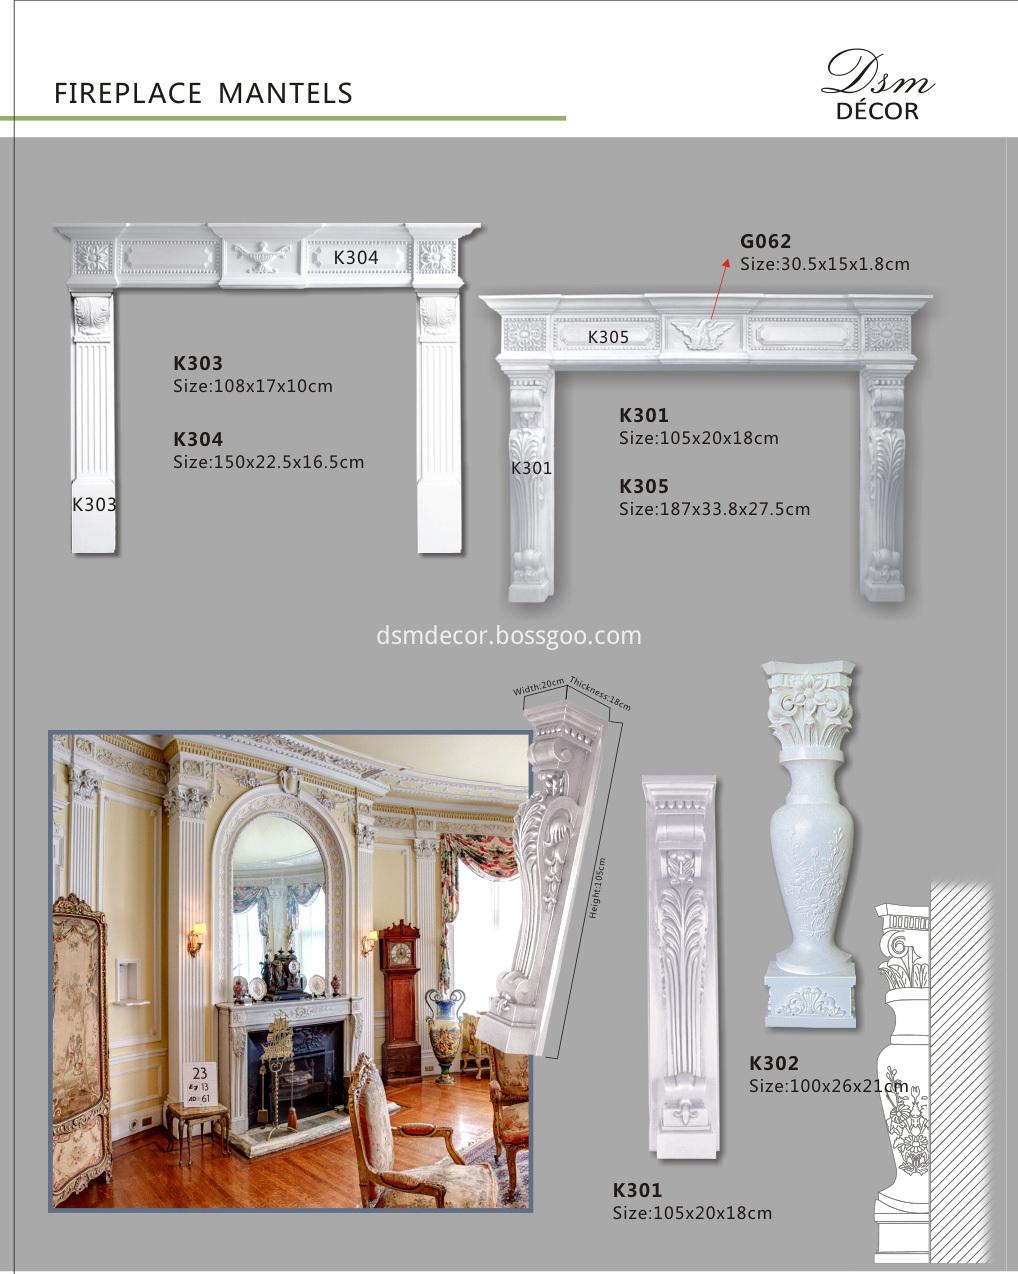 Fireplace Mantels, Pu Fireplace